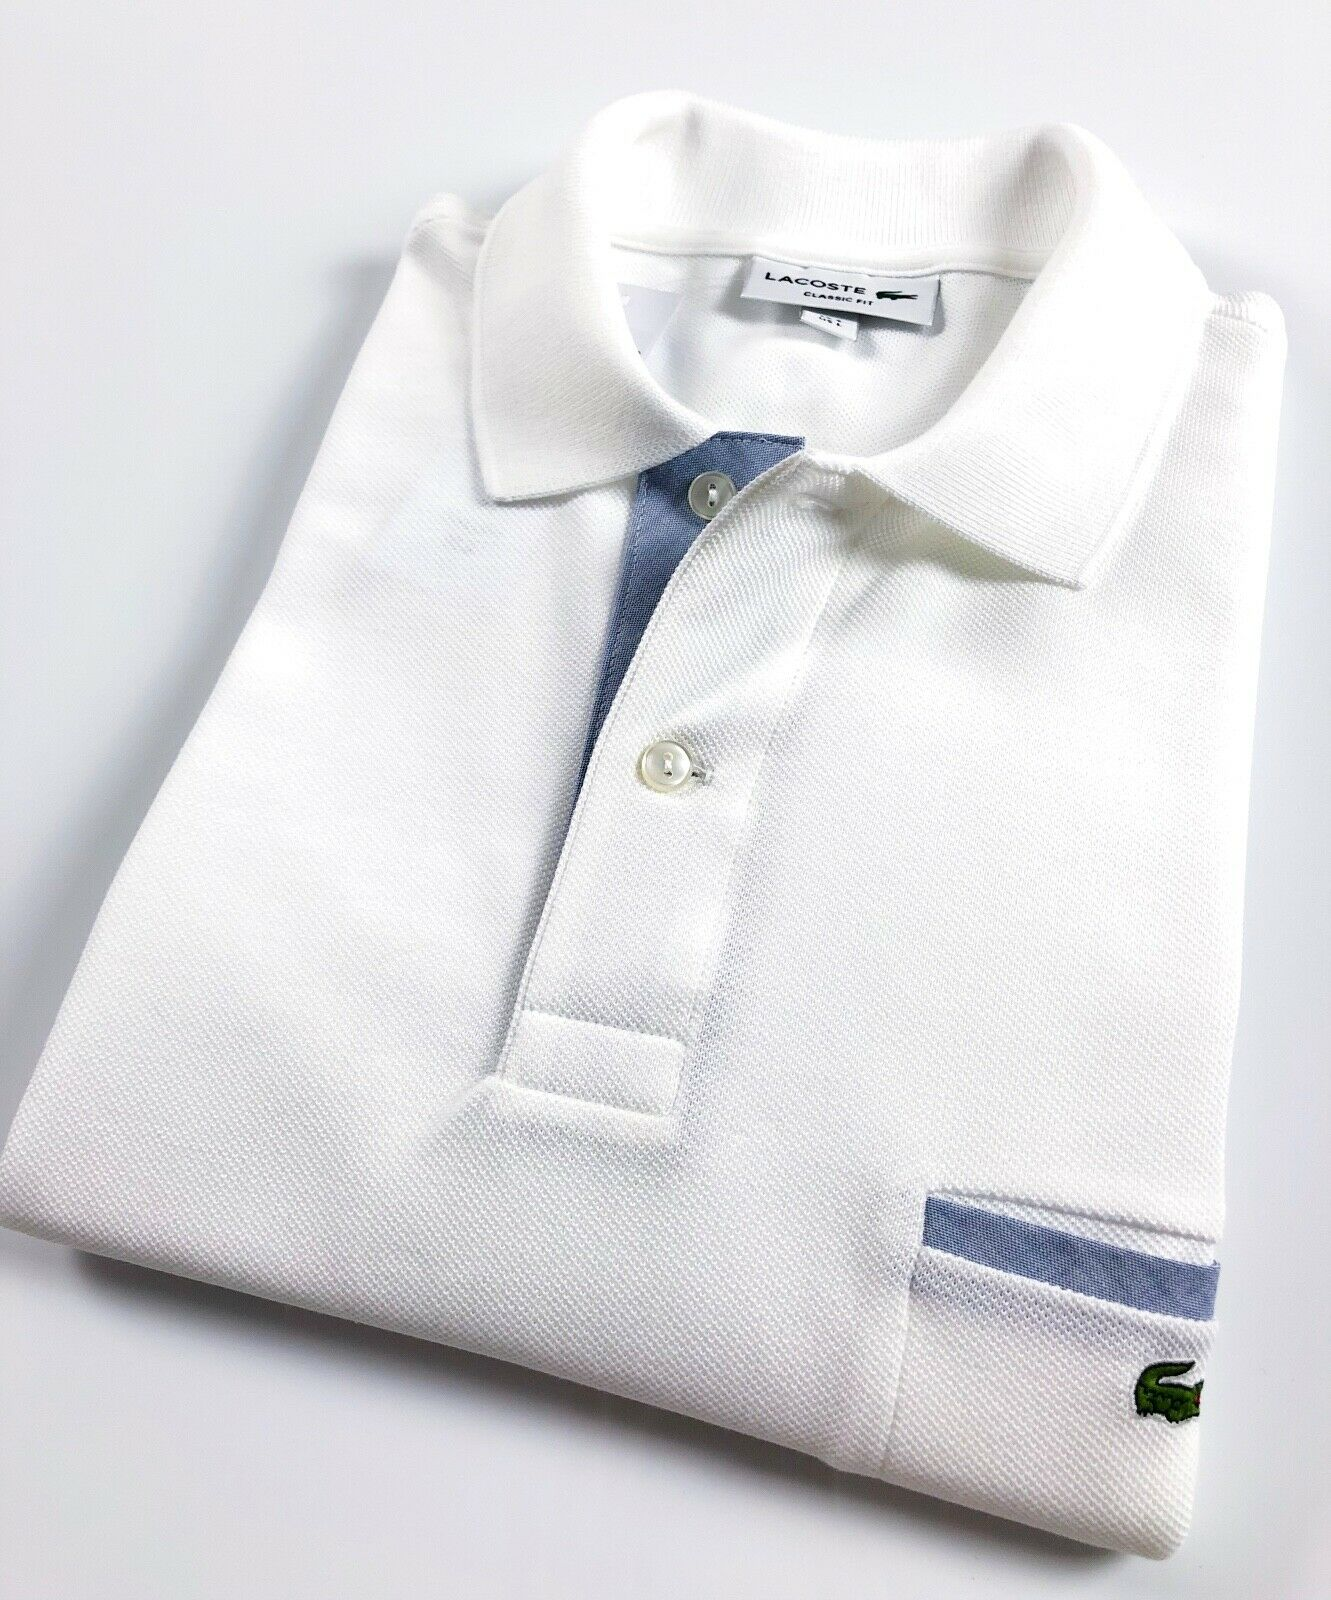 Lacoste Polo Shirt Men's Classic Fit White PiqueContrast Details PH1981-00E7Q